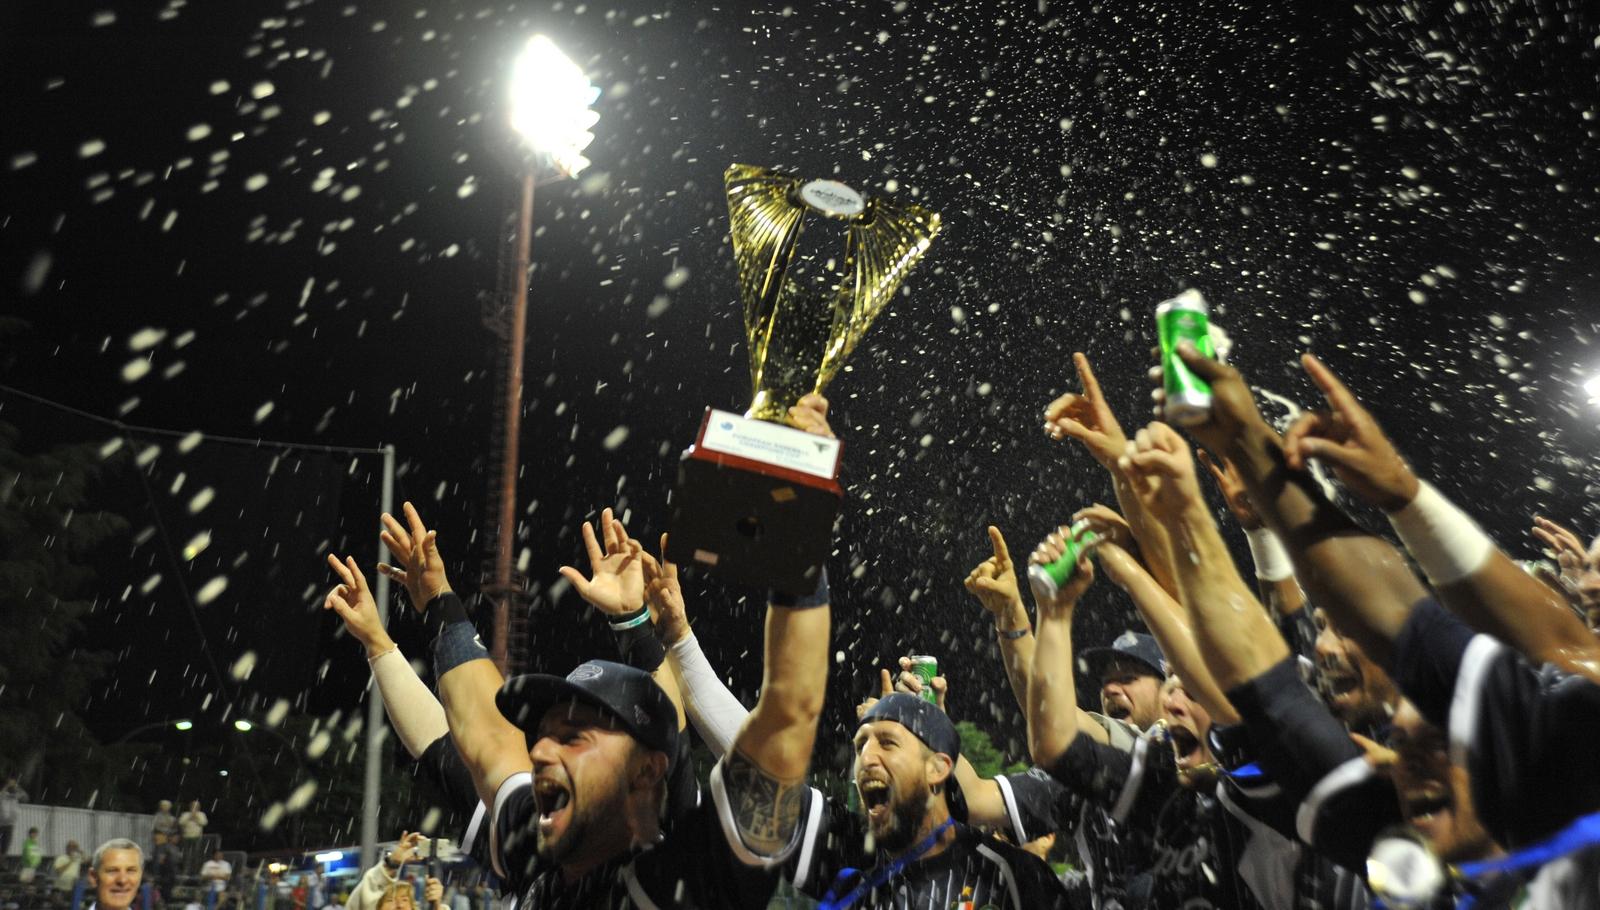 Fortitudo baseball: i numeri del trionfo europeo